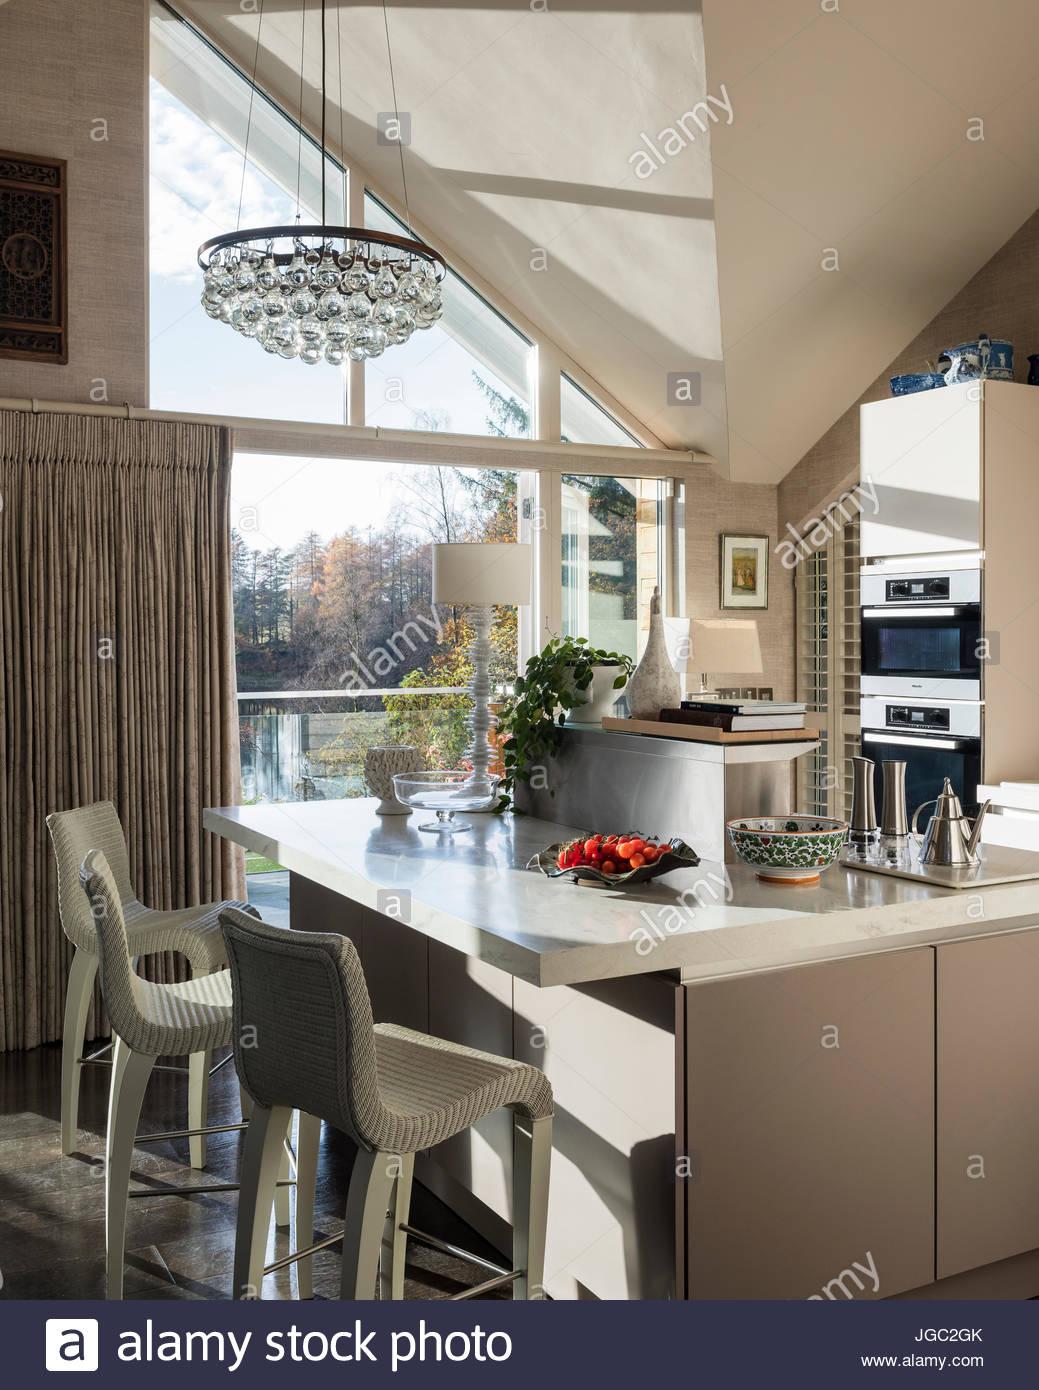 Colgante bombilla encima de barra de desayuno en un bastidor en cocina con vista al lago Imagen De Stock